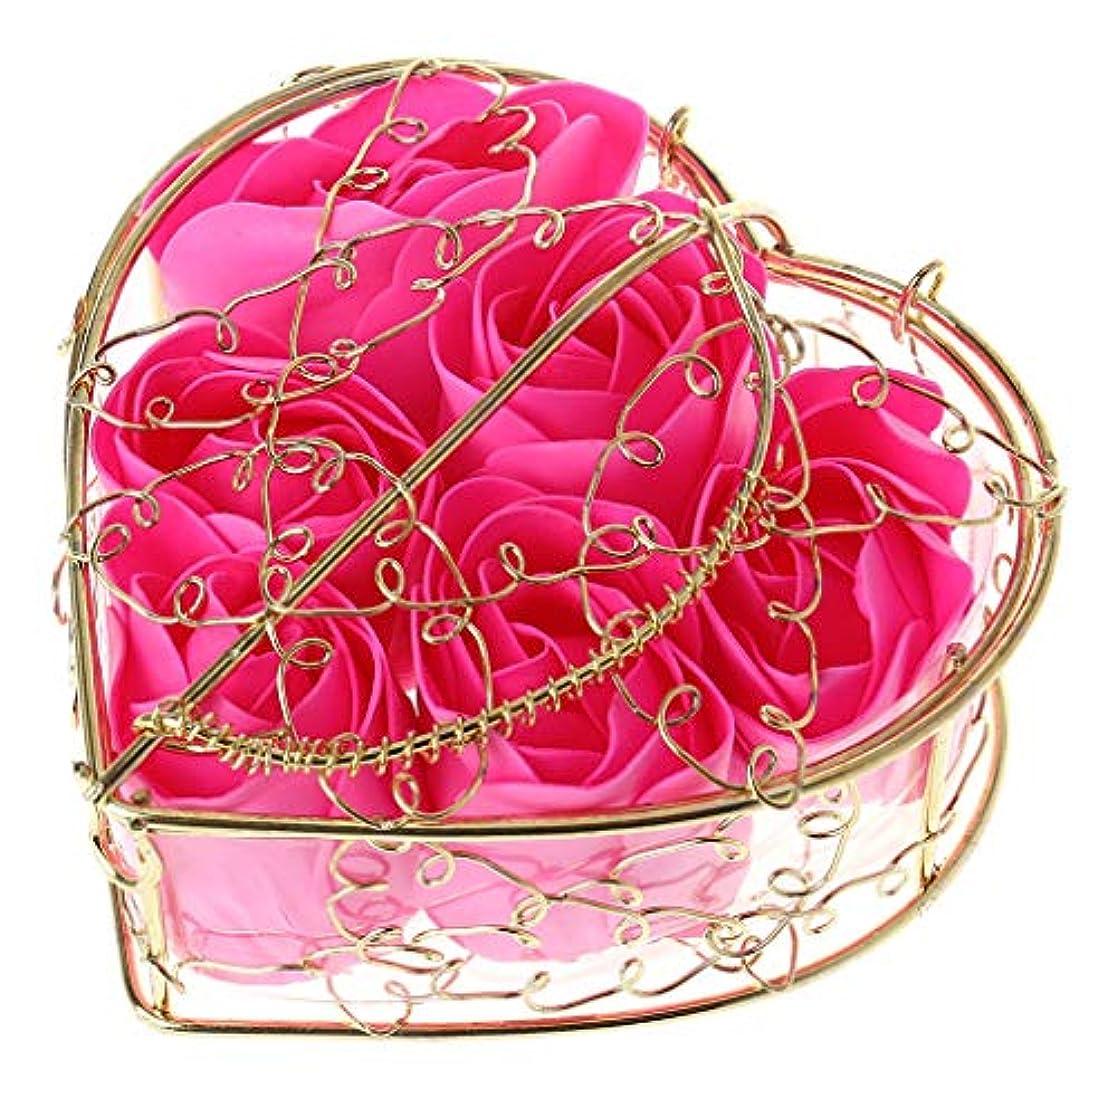 信条創始者とてもKaman-co 6本の香りのバラの花びら、入浴ボディーソープ、ウェディングパーティーの装飾ギフト、バレンタインデーの贈り物 (HP)